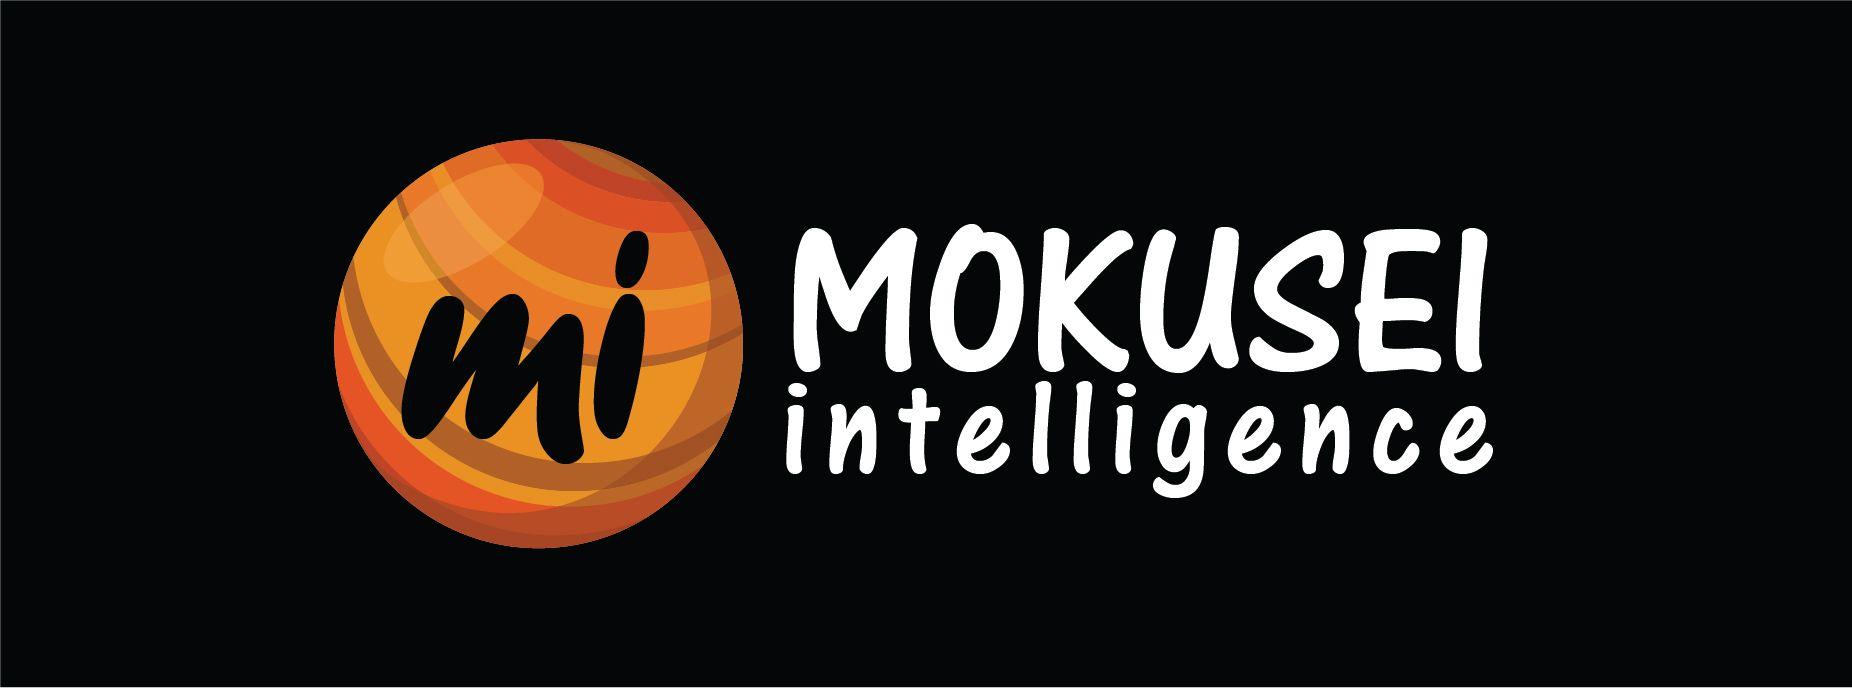 Mokusei Intelligence Logo